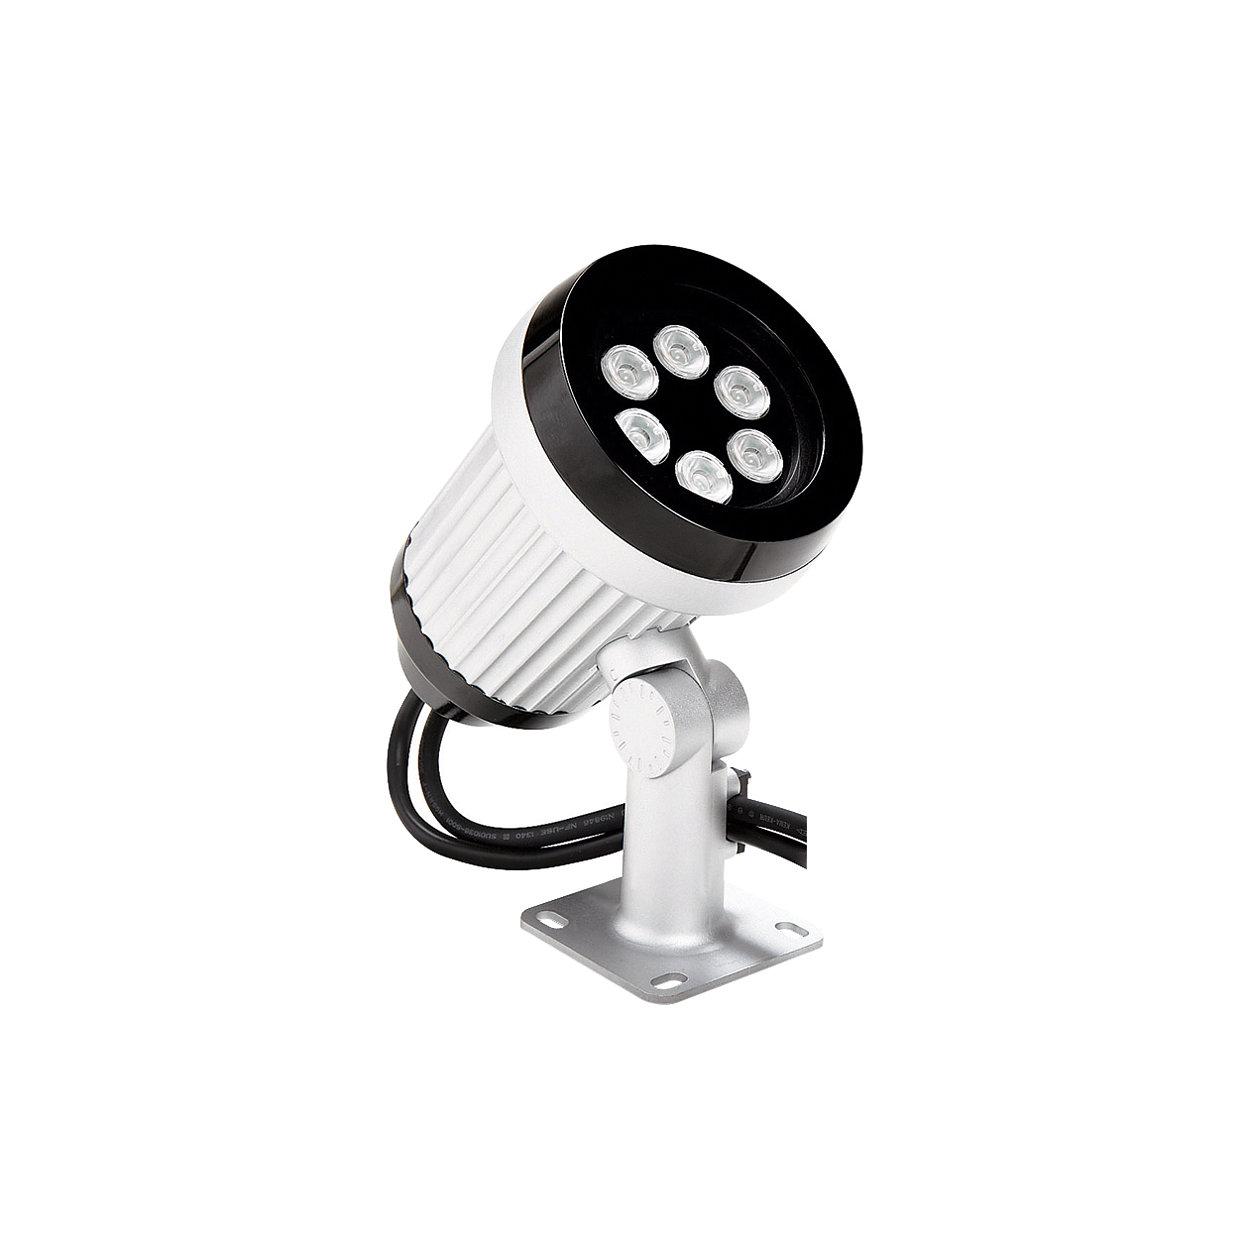 可靠的LED投光燈具